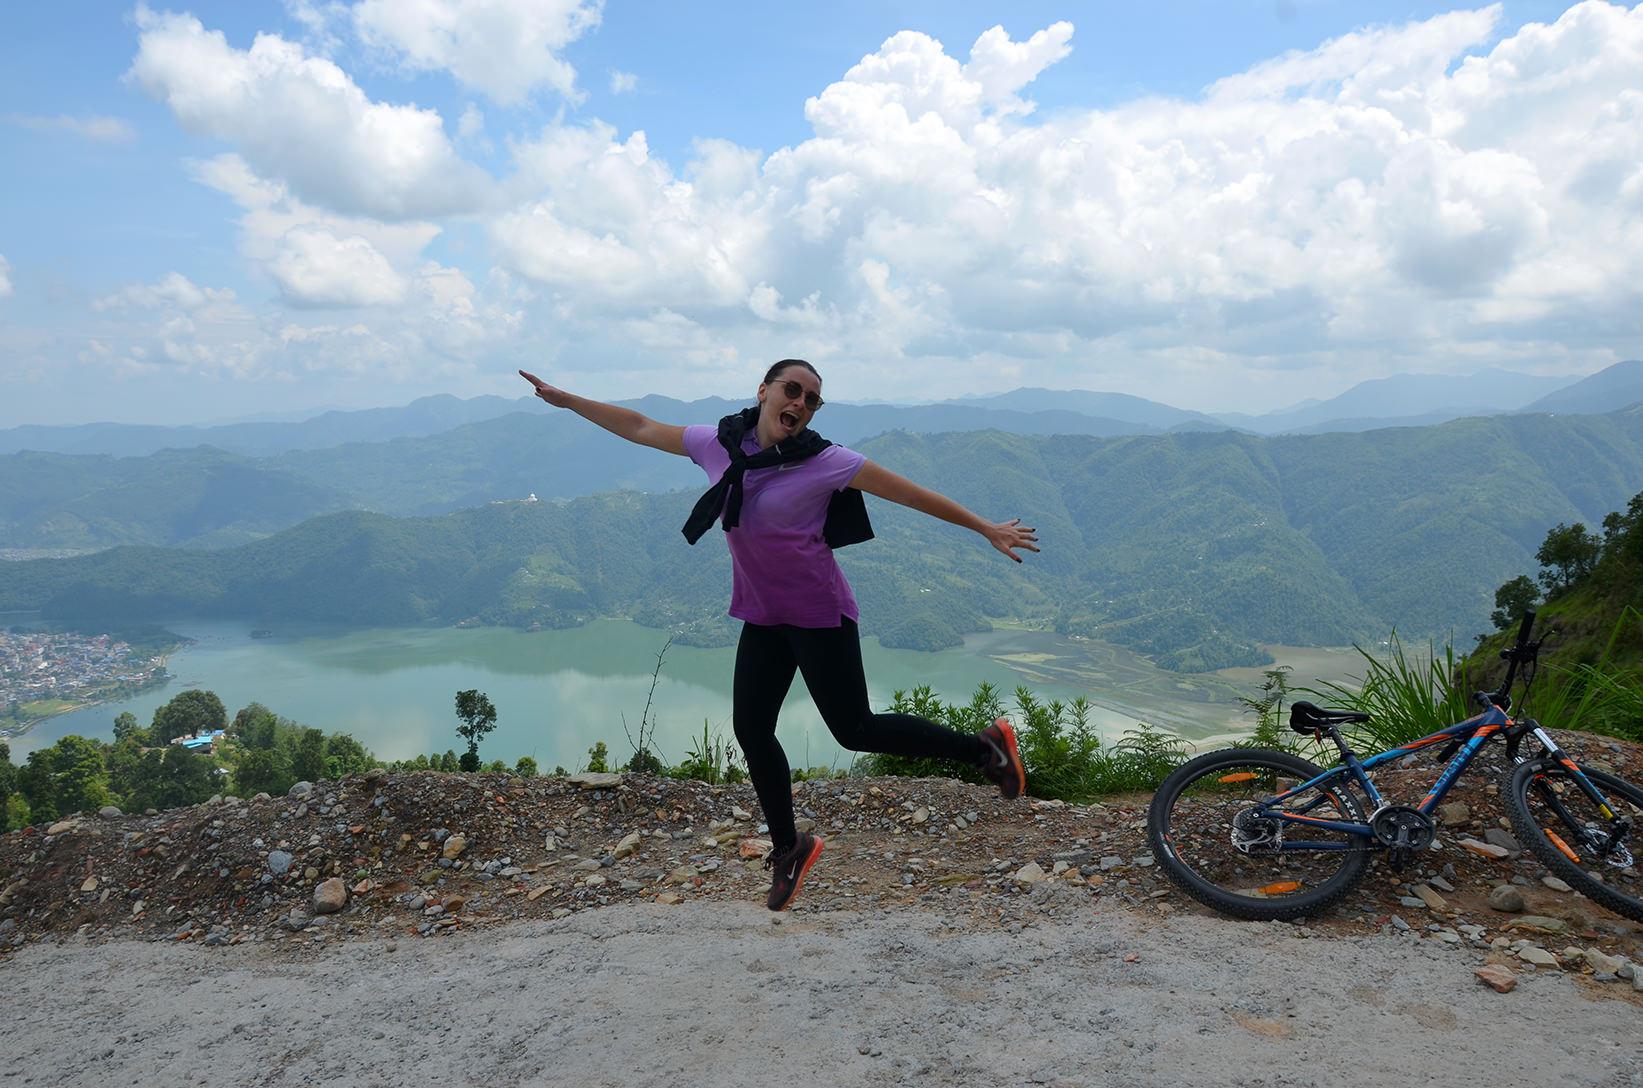 Озеро Фева, Непал. Велотрек на Сарангкот